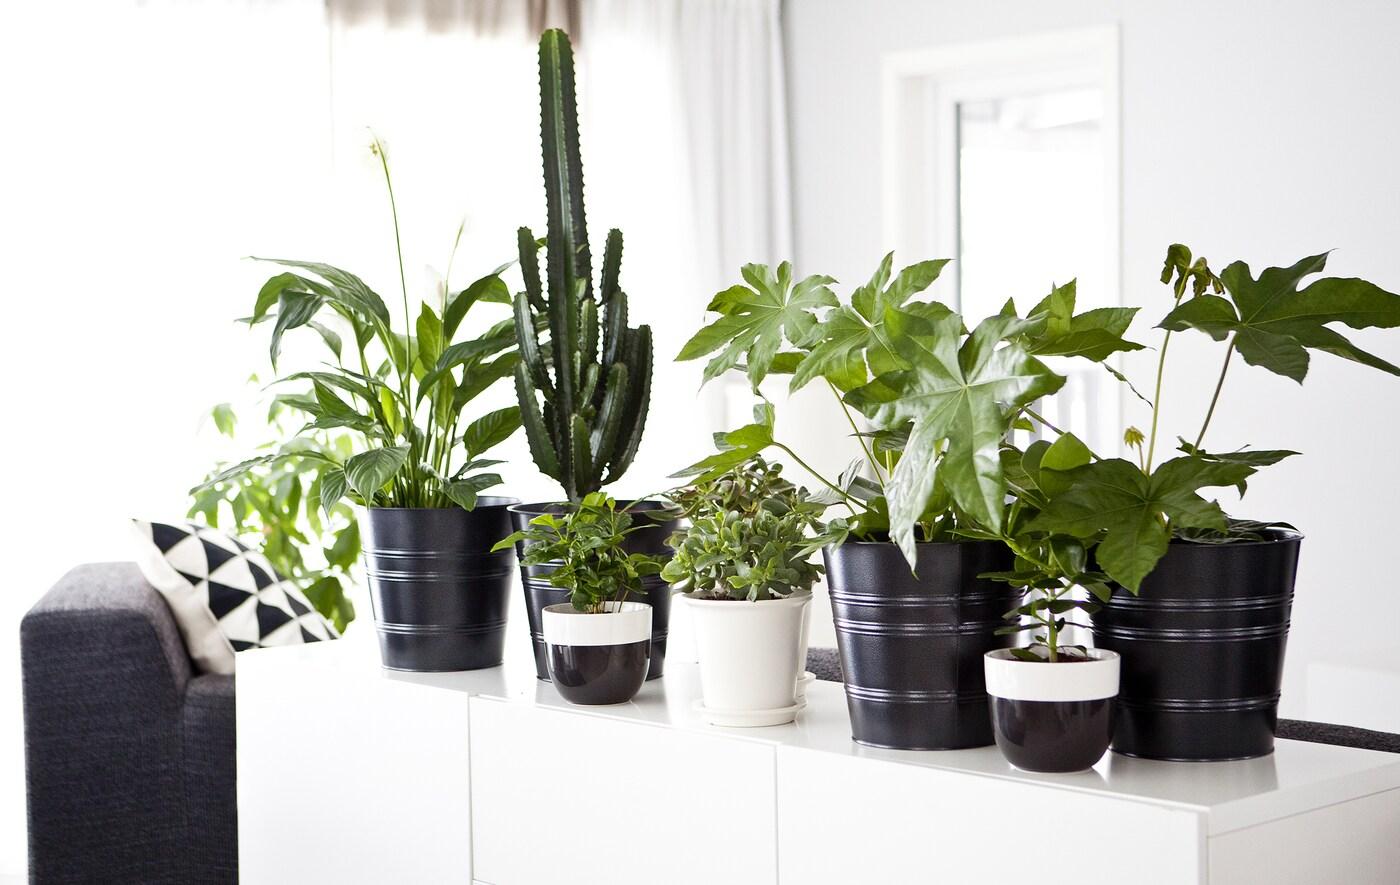 Salón blanco con un aparador decorado con muchas plantas verdes en maceteros.